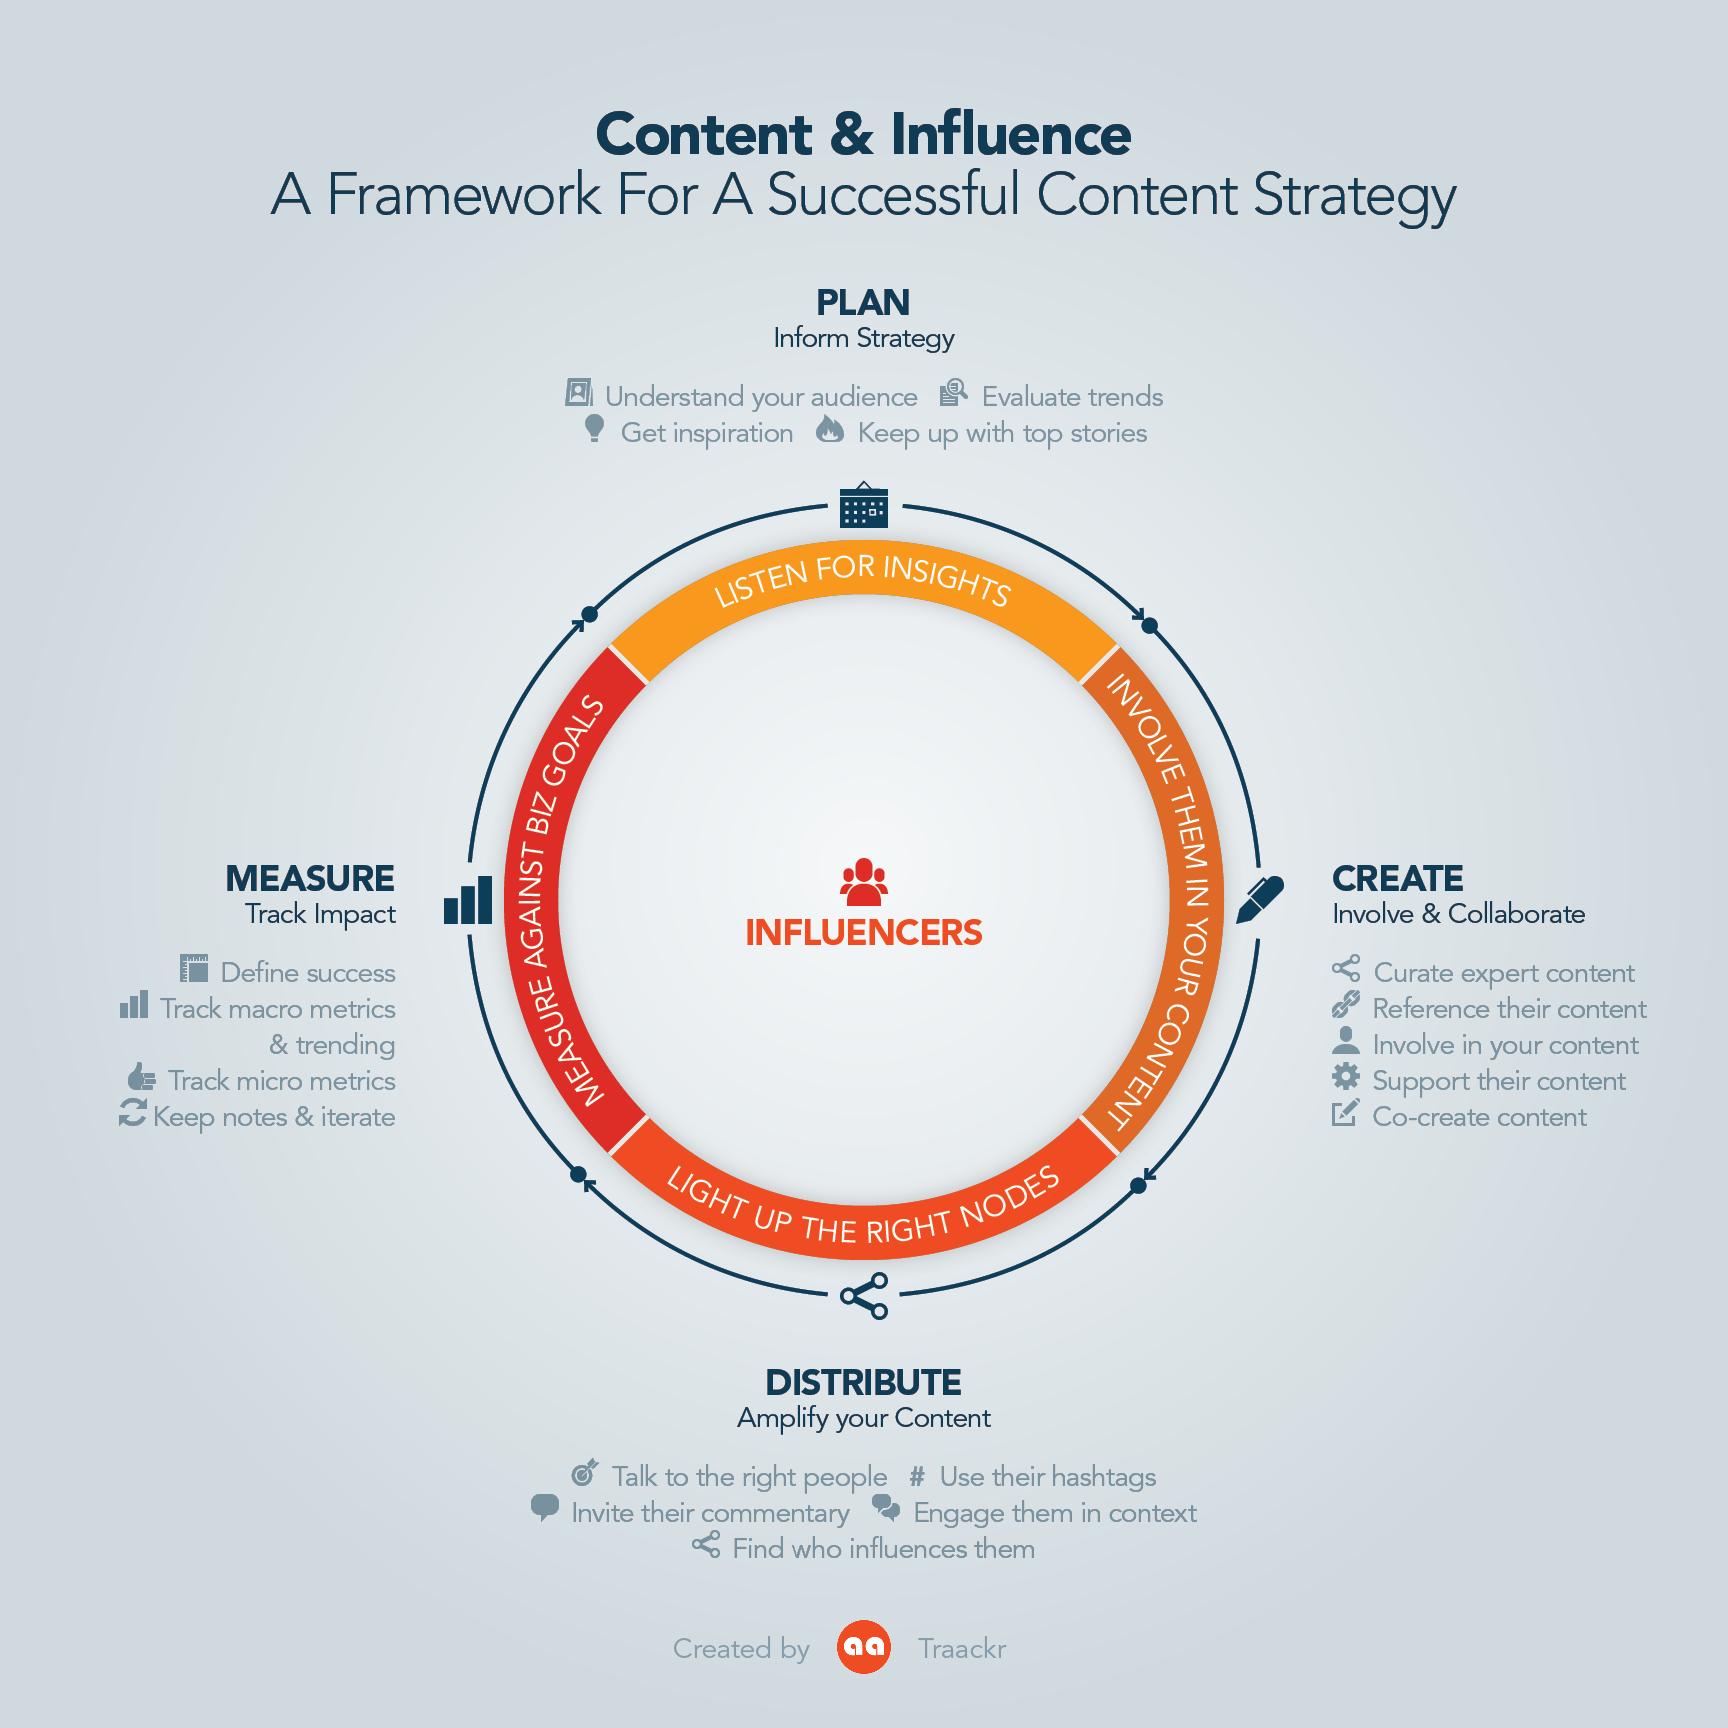 A framework for Infographie : Le Modèle Stratégique pour le Contenu et l'Influence